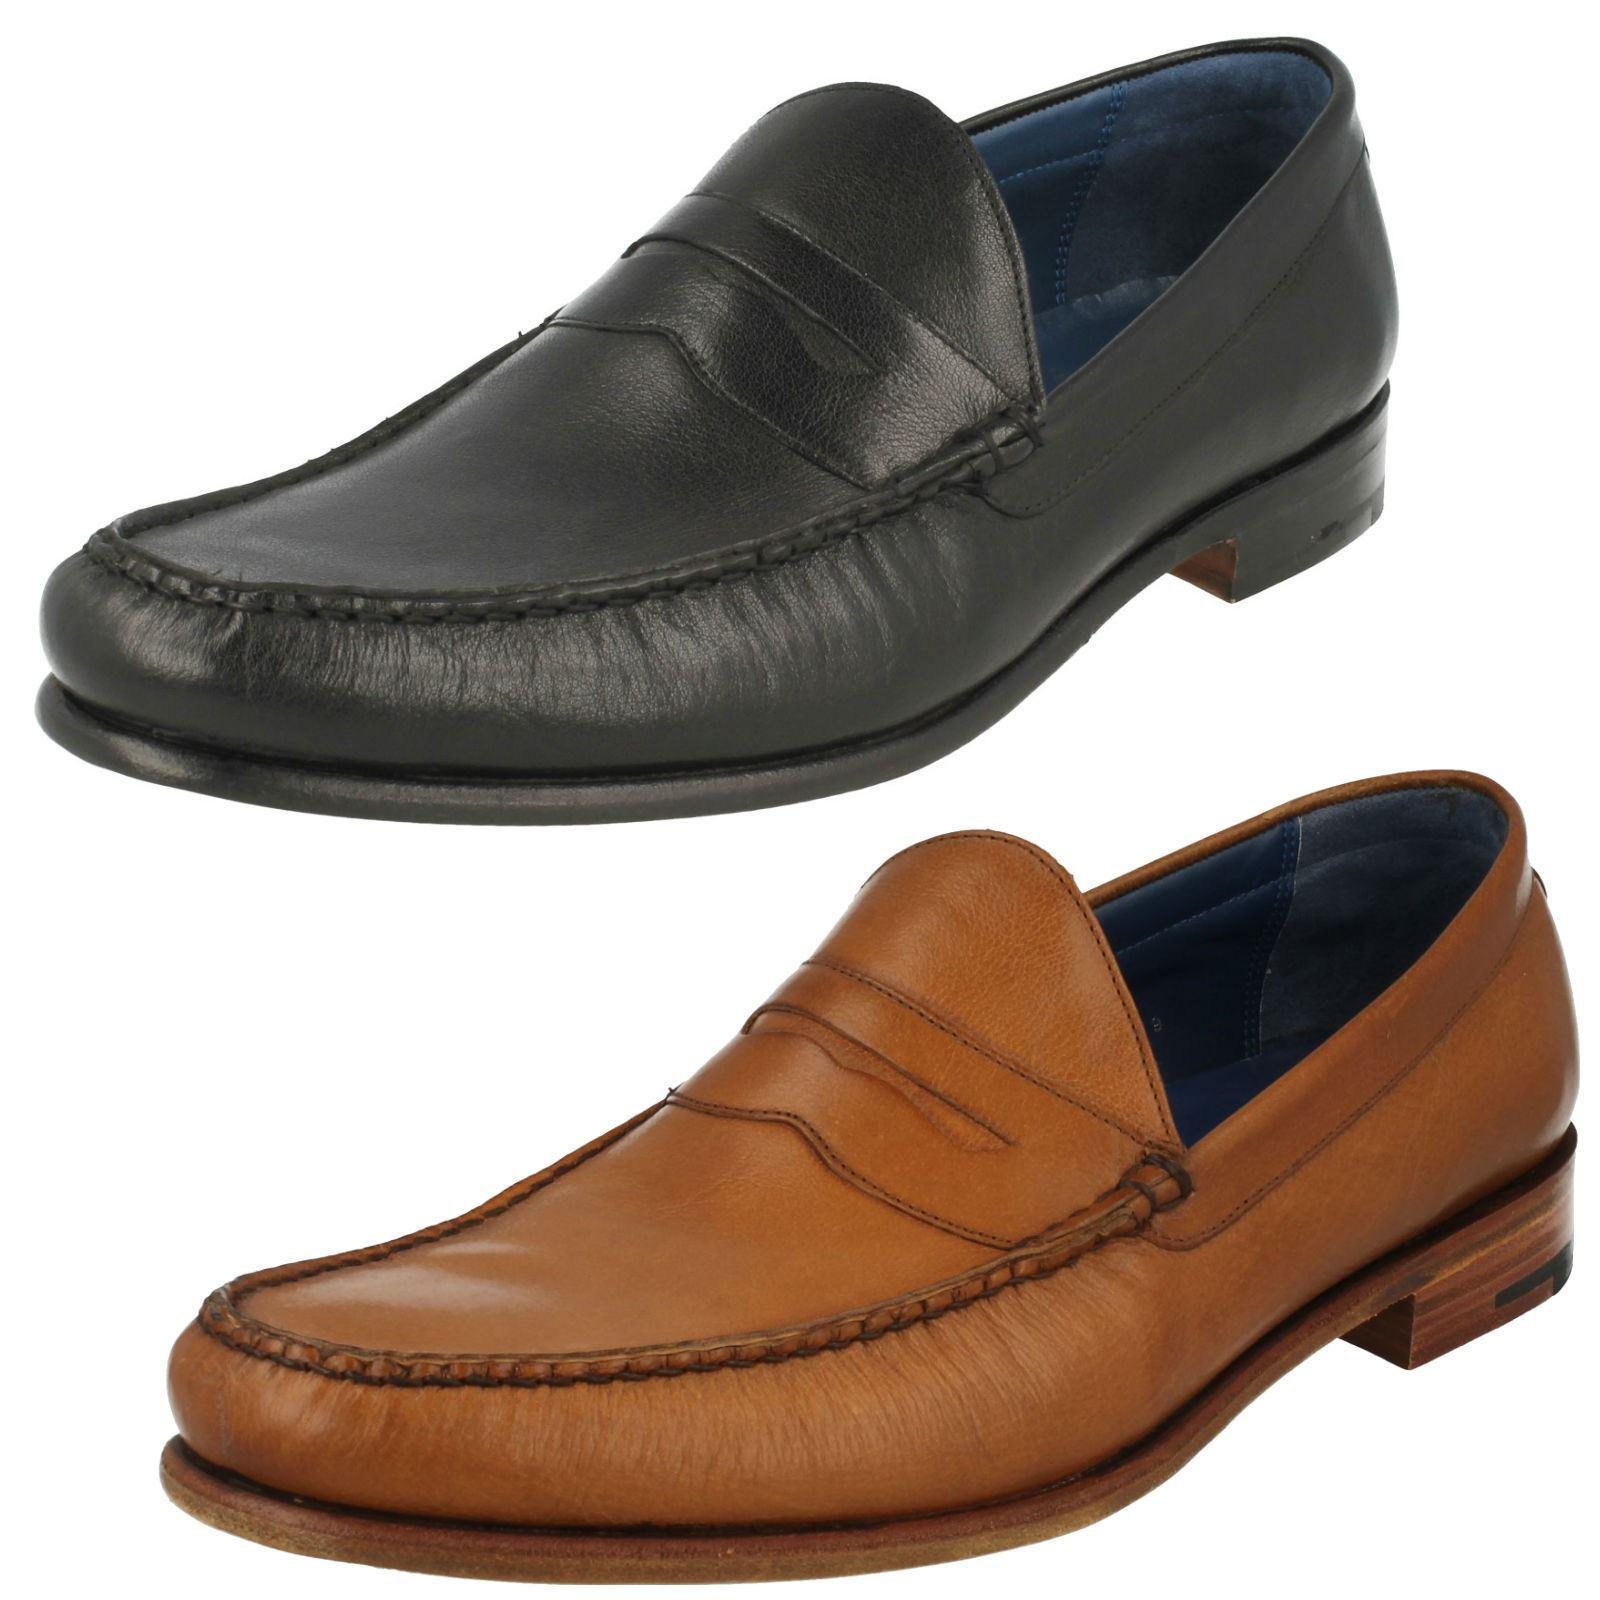 Mens Barker Moccasin Styled Shoes Jack